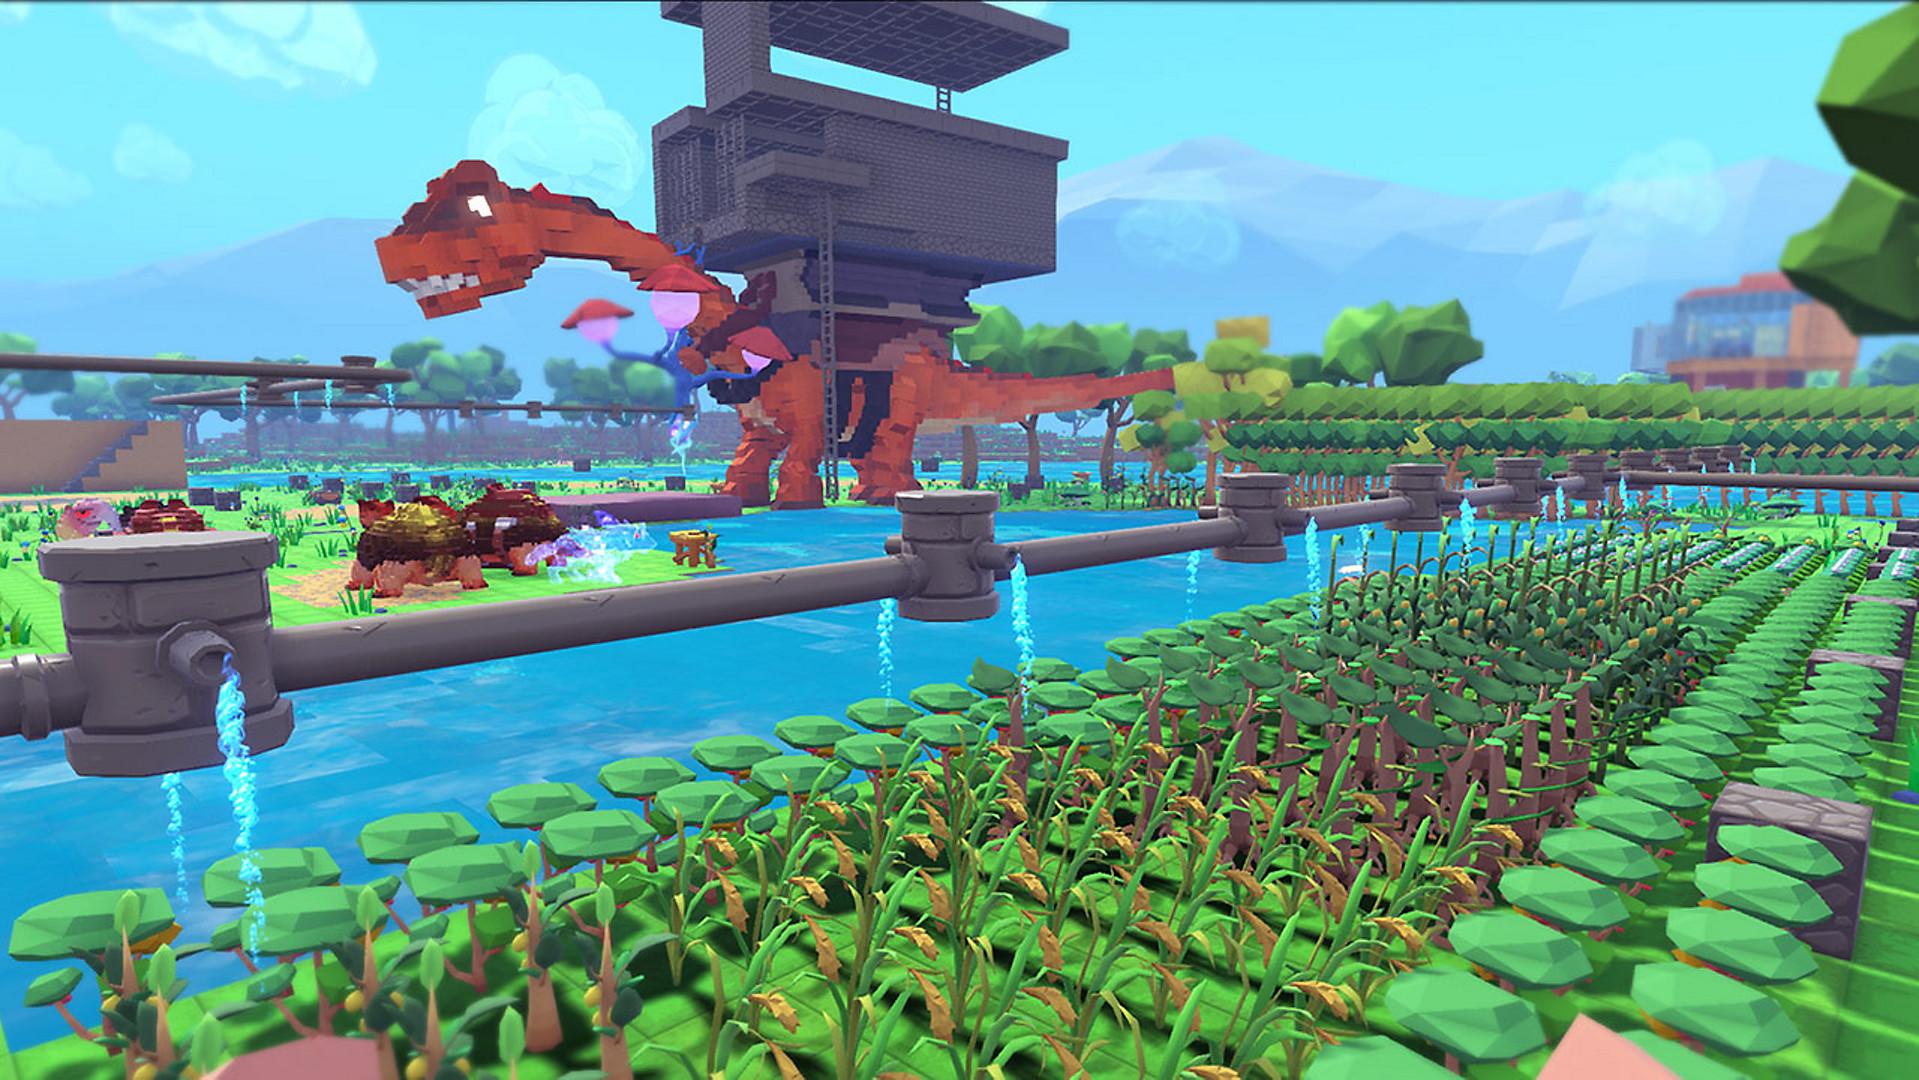 PixARK Game | PS4 - PlayStation